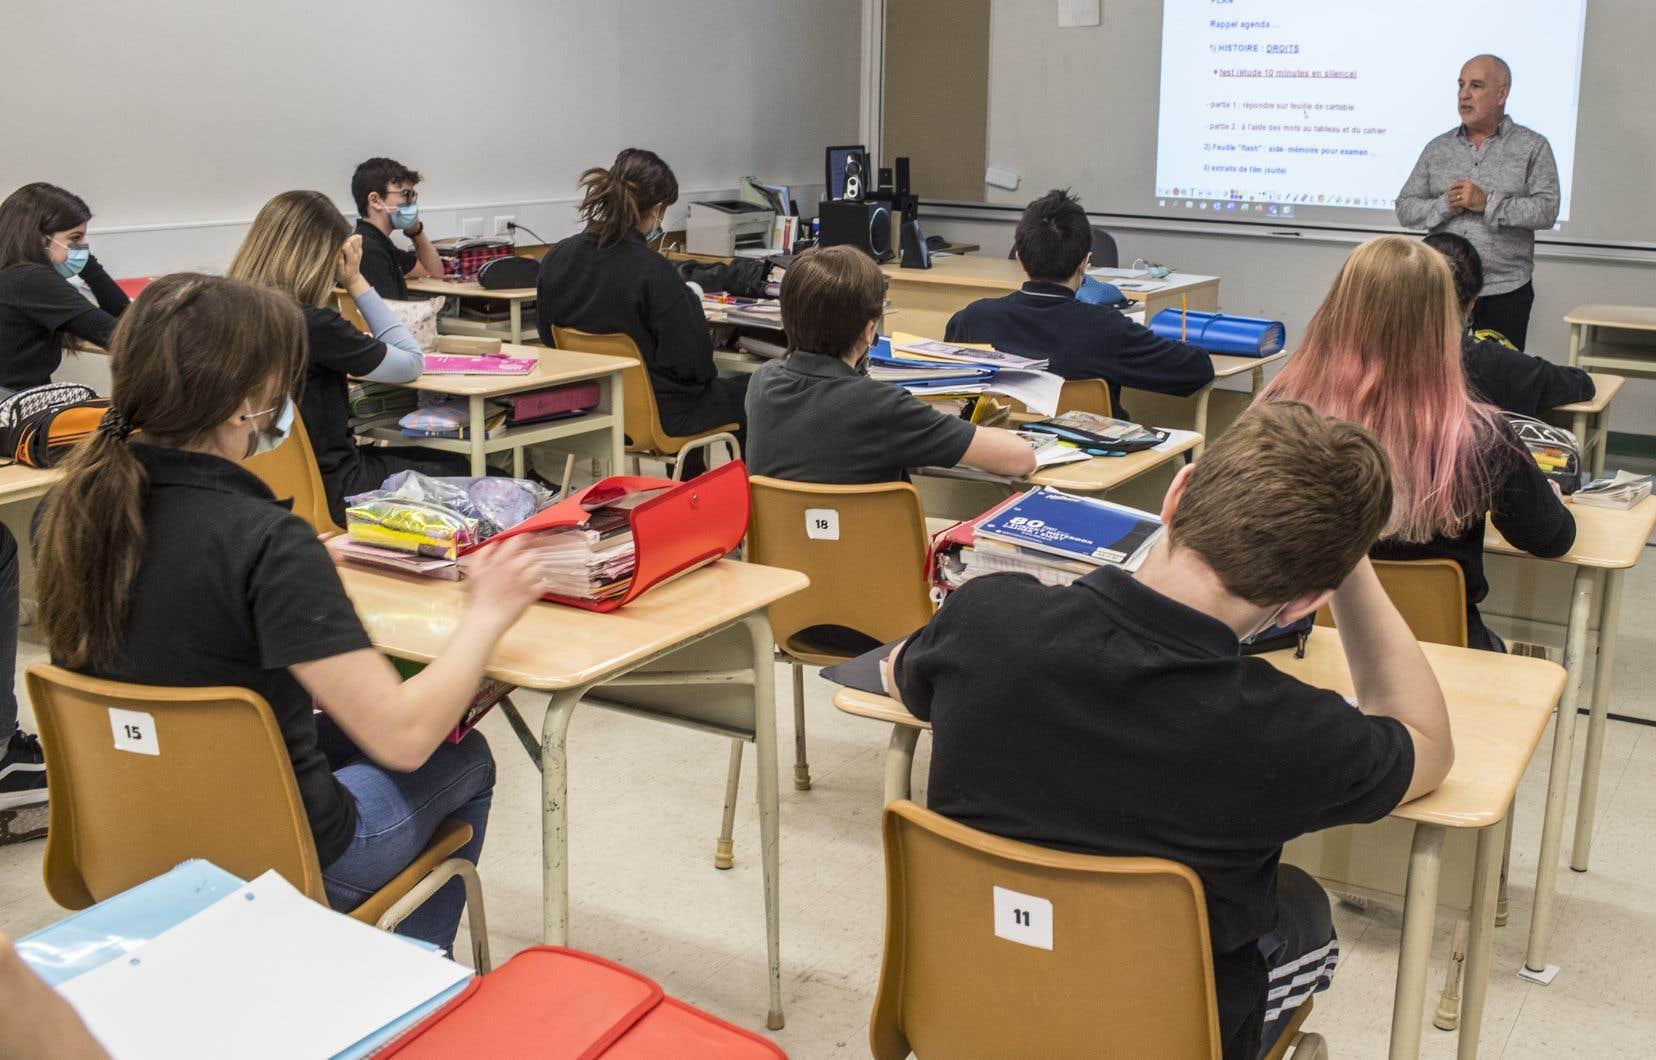 Plusieurs écoles n'ont pas de système mécanique de ventilation et elles ont reçu la directive de ne pas utiliser de ventilateurs tournés vers les élèves en raison des risques reliés à la COVID-19.